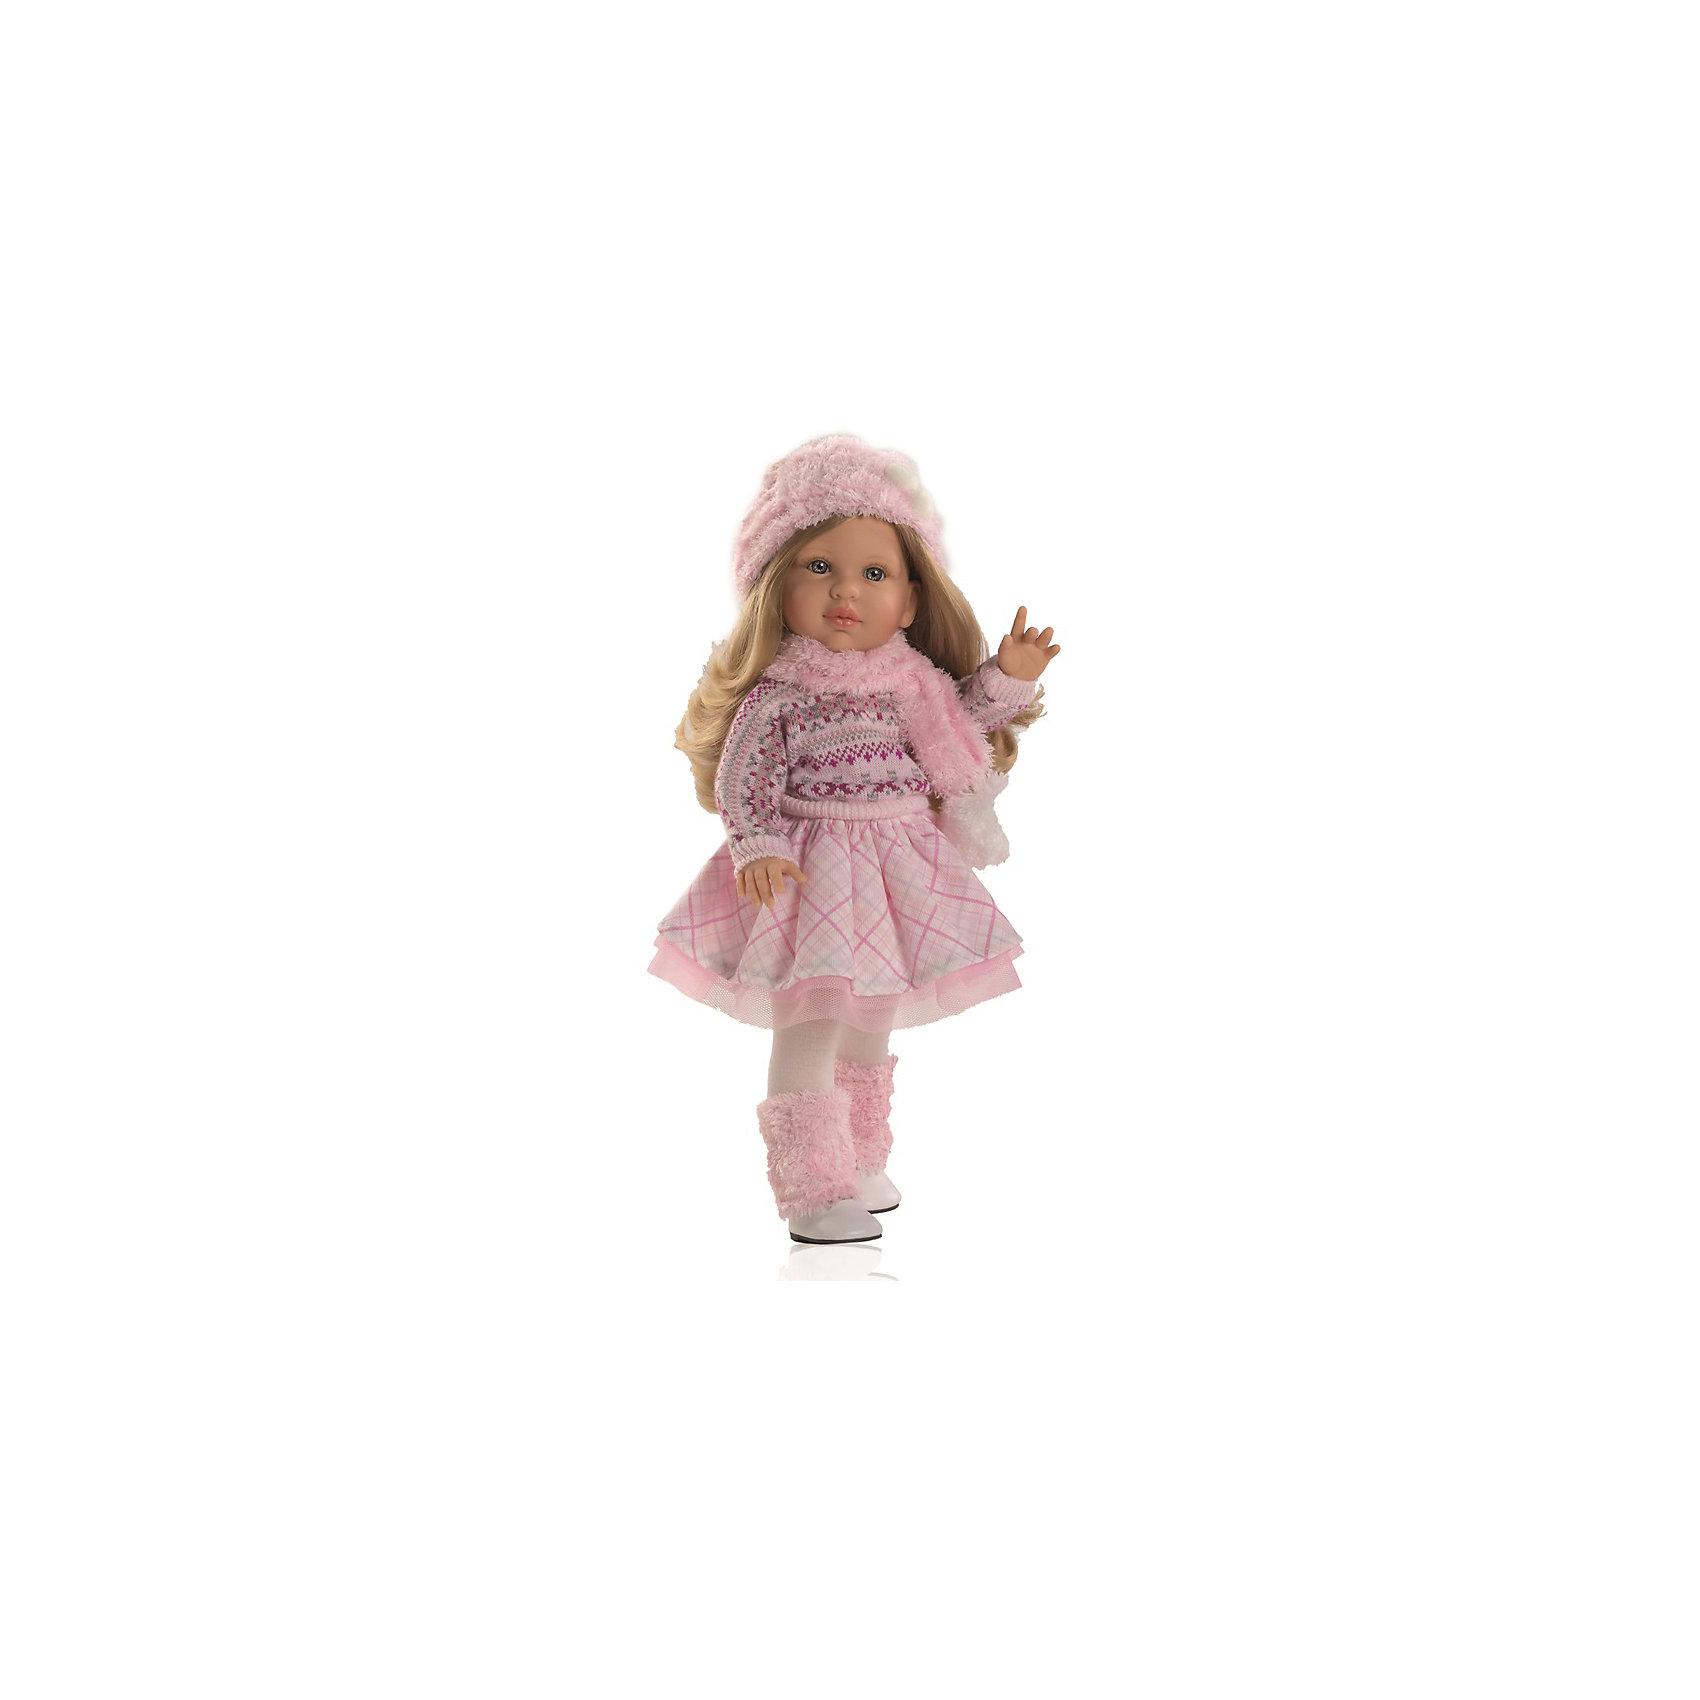 Кукла Одри, 40 см, Paola ReinaКлассические куклы<br>Куклы из серии Сой Ту (Я это Ты) так похожи на маленьких девочек! Малышка Одри одета в пышную розовую юбочку и модный вязаный свитер. На ногах - колготы и милые сапожки с меховой отделкой. Завершают образ очаровательные аксессуары - меховой шарф и беретик. Длинные белокурые волосы куклы очень приятно расчесывать и создавать из них всевозможные прически. Куклы Паола Рейна имеют нежный ванильный аромат, одеты в модную одежду с аксессуарами. Выразительная мимика, уникальный и неповторимый дизайн лица и тела делают эти игрушки запоминающимися и уникальными. Куклы изготовлены из высококачественного винила, без вредных примесей, абсолютно безопасны для детей. <br><br>Дополнительная информация:<br><br>- Материалы: кукла изготовлена из винила; глаза выполнены в виде кристалла из прозрачного твердого пластика; волосы сделаны из высококачественного нейлона, одежда - текстиль.<br>- Размер: 40 см.<br>- Комплектация: кукла в одежде и обуви. <br>- Голова, ручки, ножки куклы подвижные.<br><br>Кукла Одри, 40 см, Paola Reina (Паола Рейна), можно купить в нашем магазине.<br><br>Ширина мм: 250<br>Глубина мм: 120<br>Высота мм: 500<br>Вес г: 1333<br>Возраст от месяцев: 36<br>Возраст до месяцев: 144<br>Пол: Женский<br>Возраст: Детский<br>SKU: 4420319